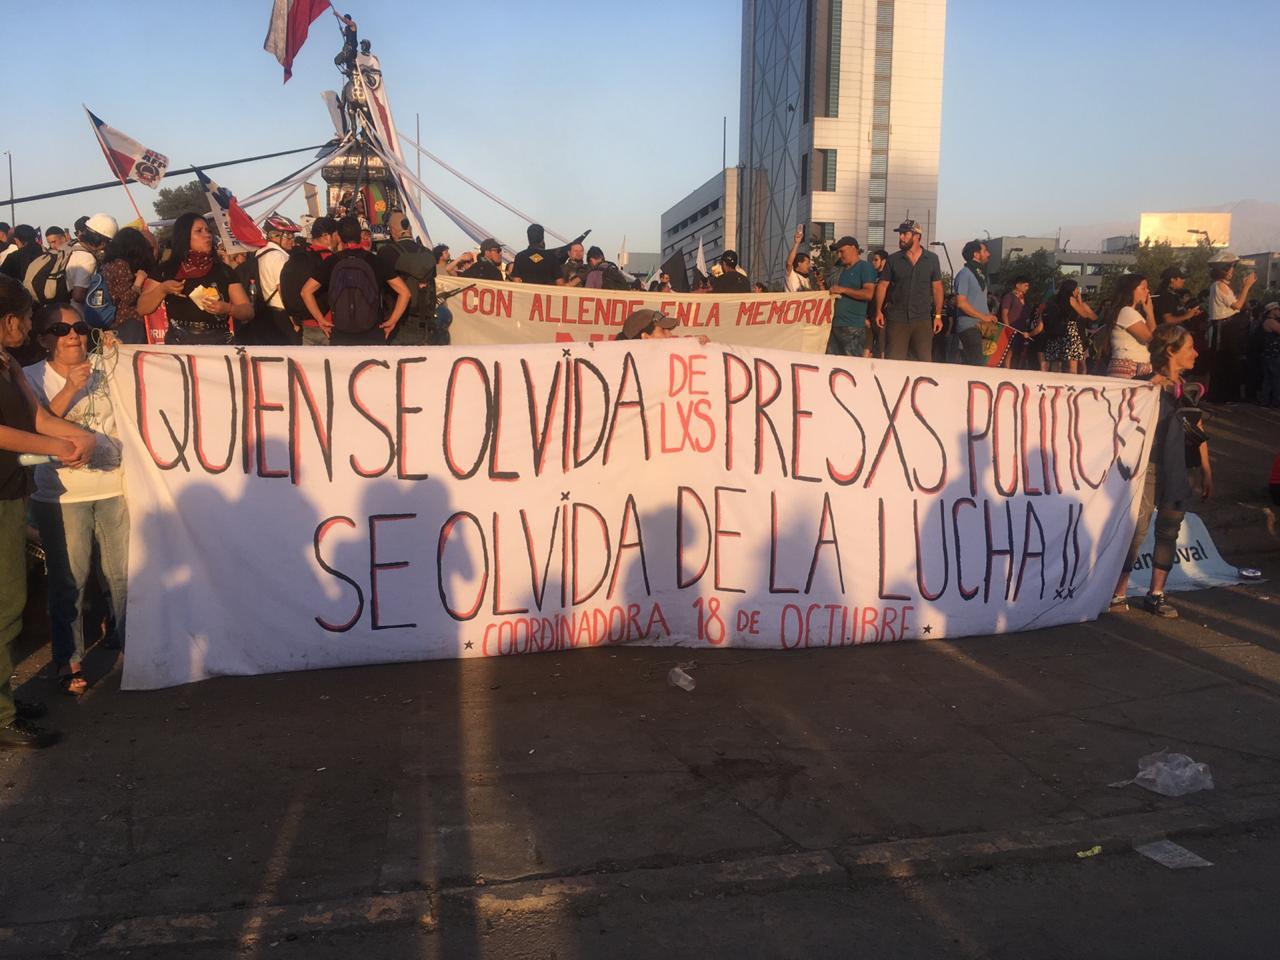 Diversas actividades se realizarán esta semana en solidaridad con los presos de la revuelta